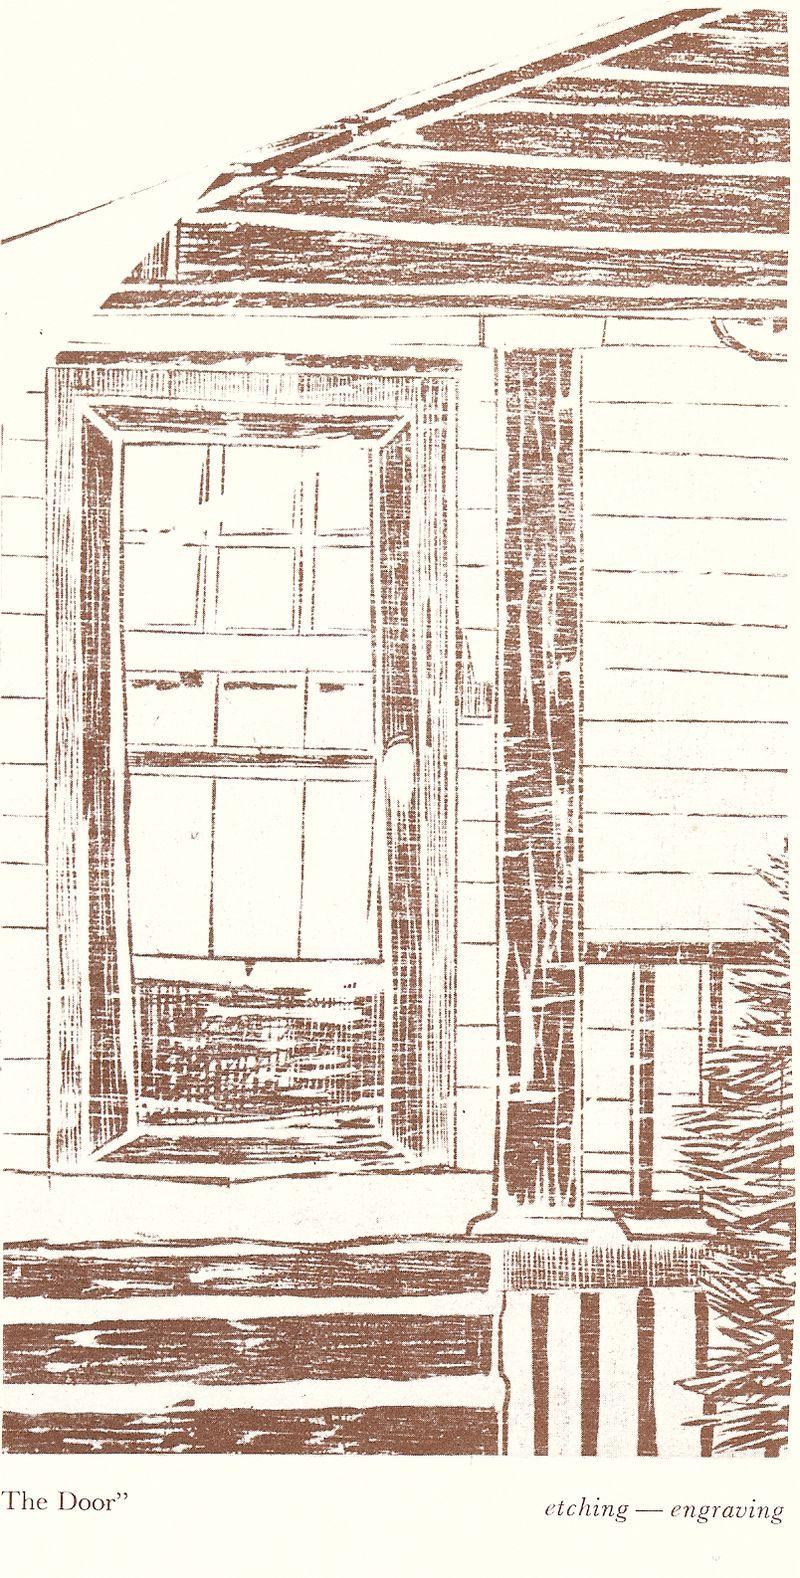 5 Seawell, The Door